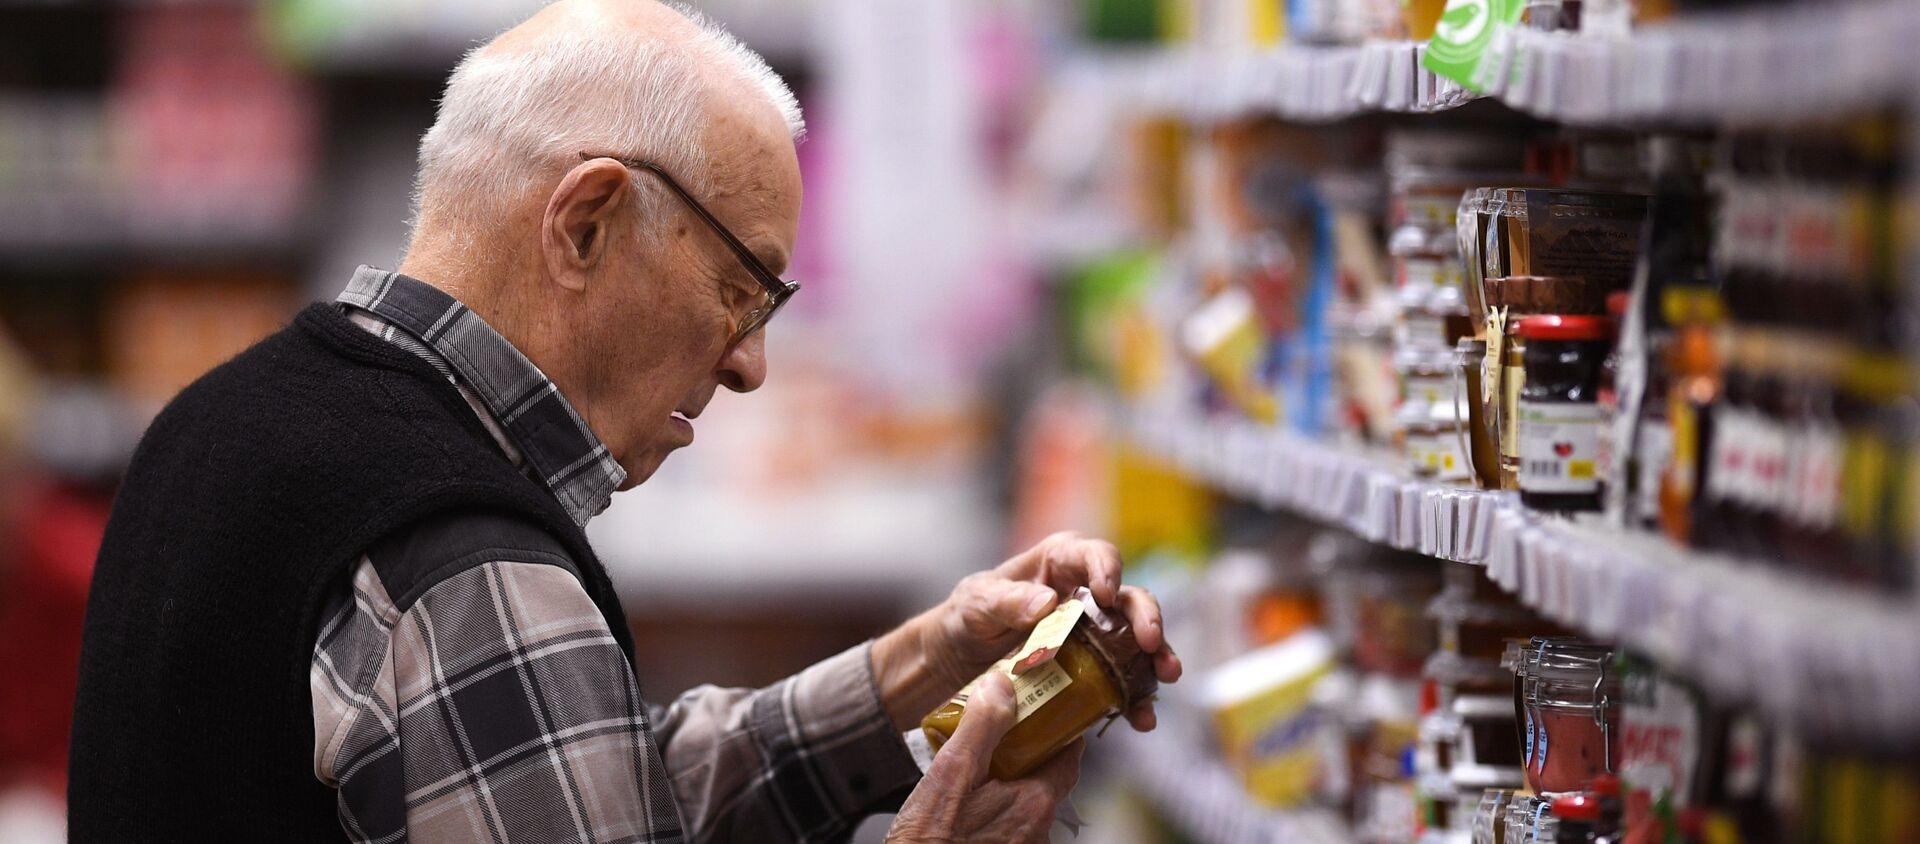 Покупатель в супермаркете - Sputnik Արմենիա, 1920, 26.05.2021